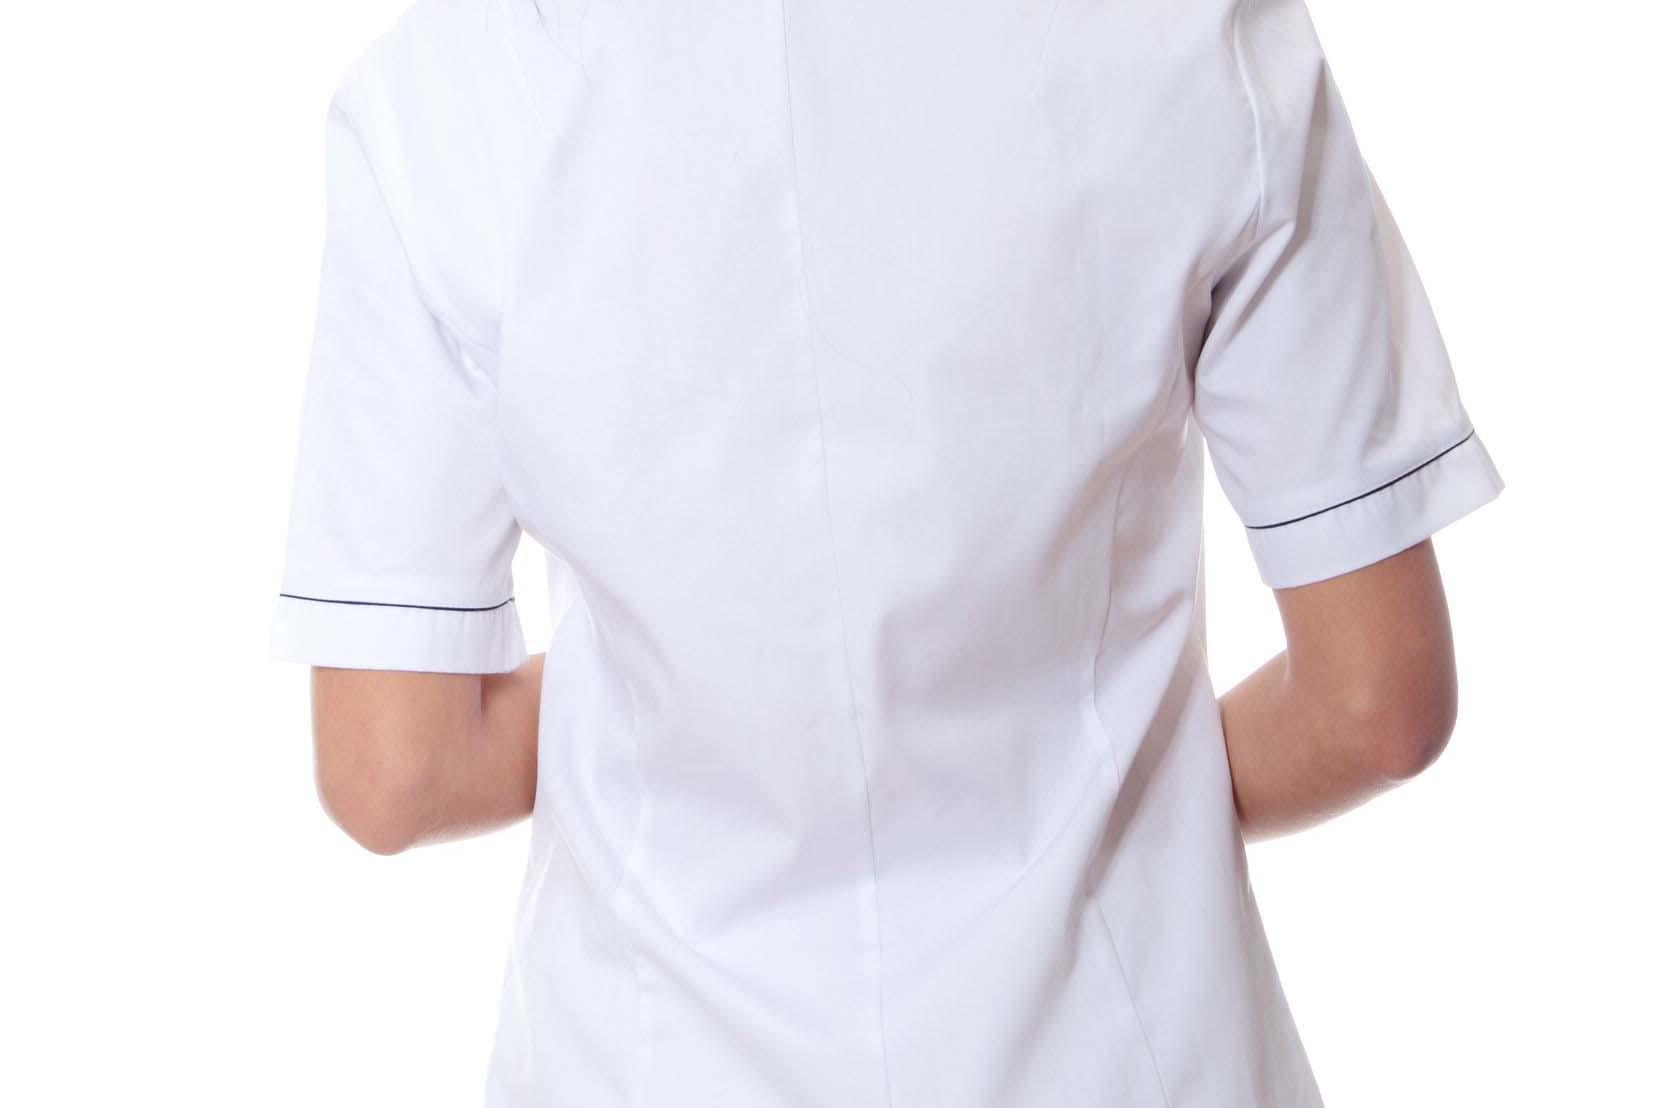 Los uniformes de las enfermeras, una de las principales causas de las infecciones de las UCIs, según un estudio